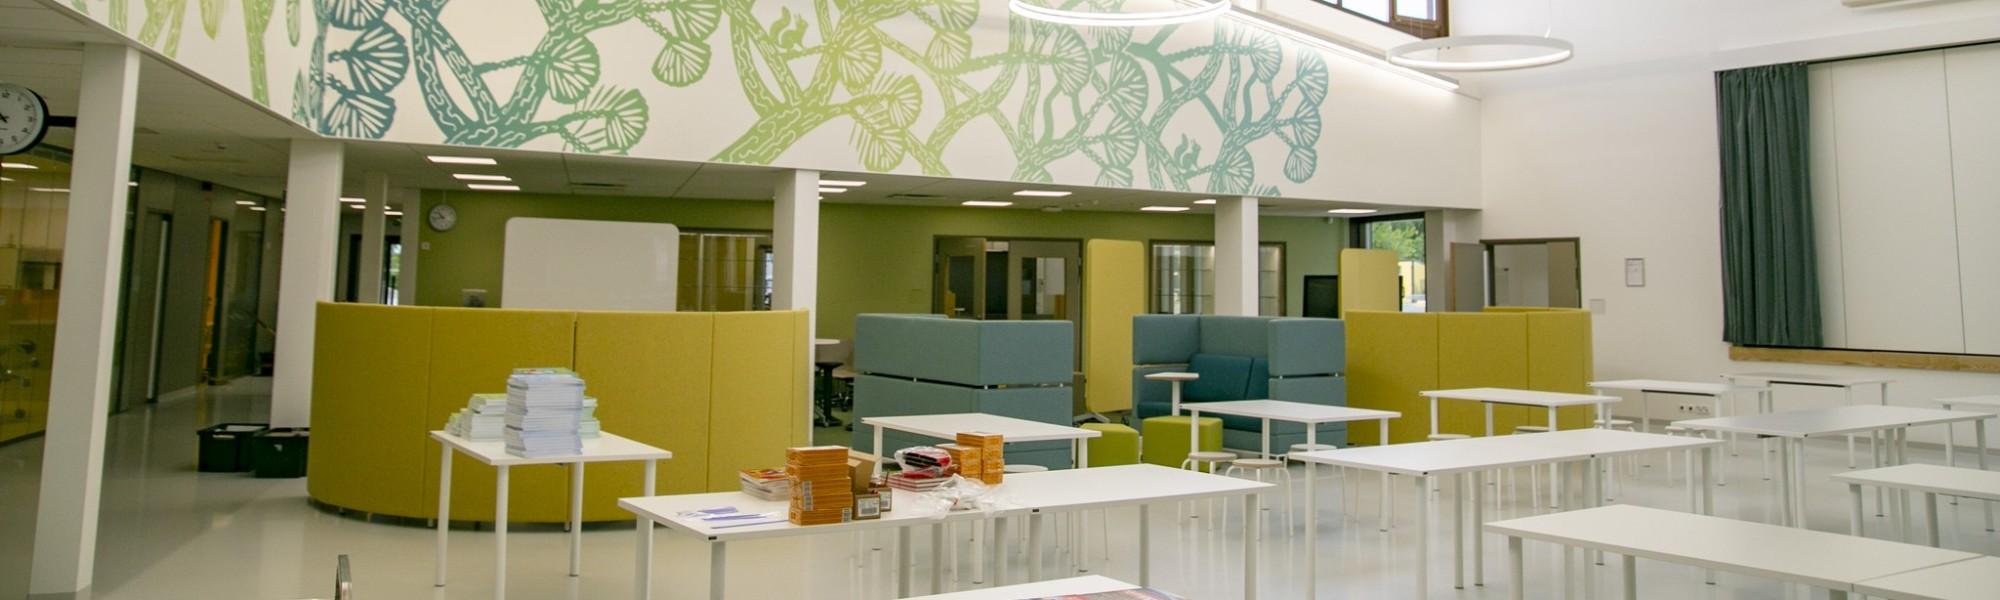 Kuva koulun aula-/ruokatilasta